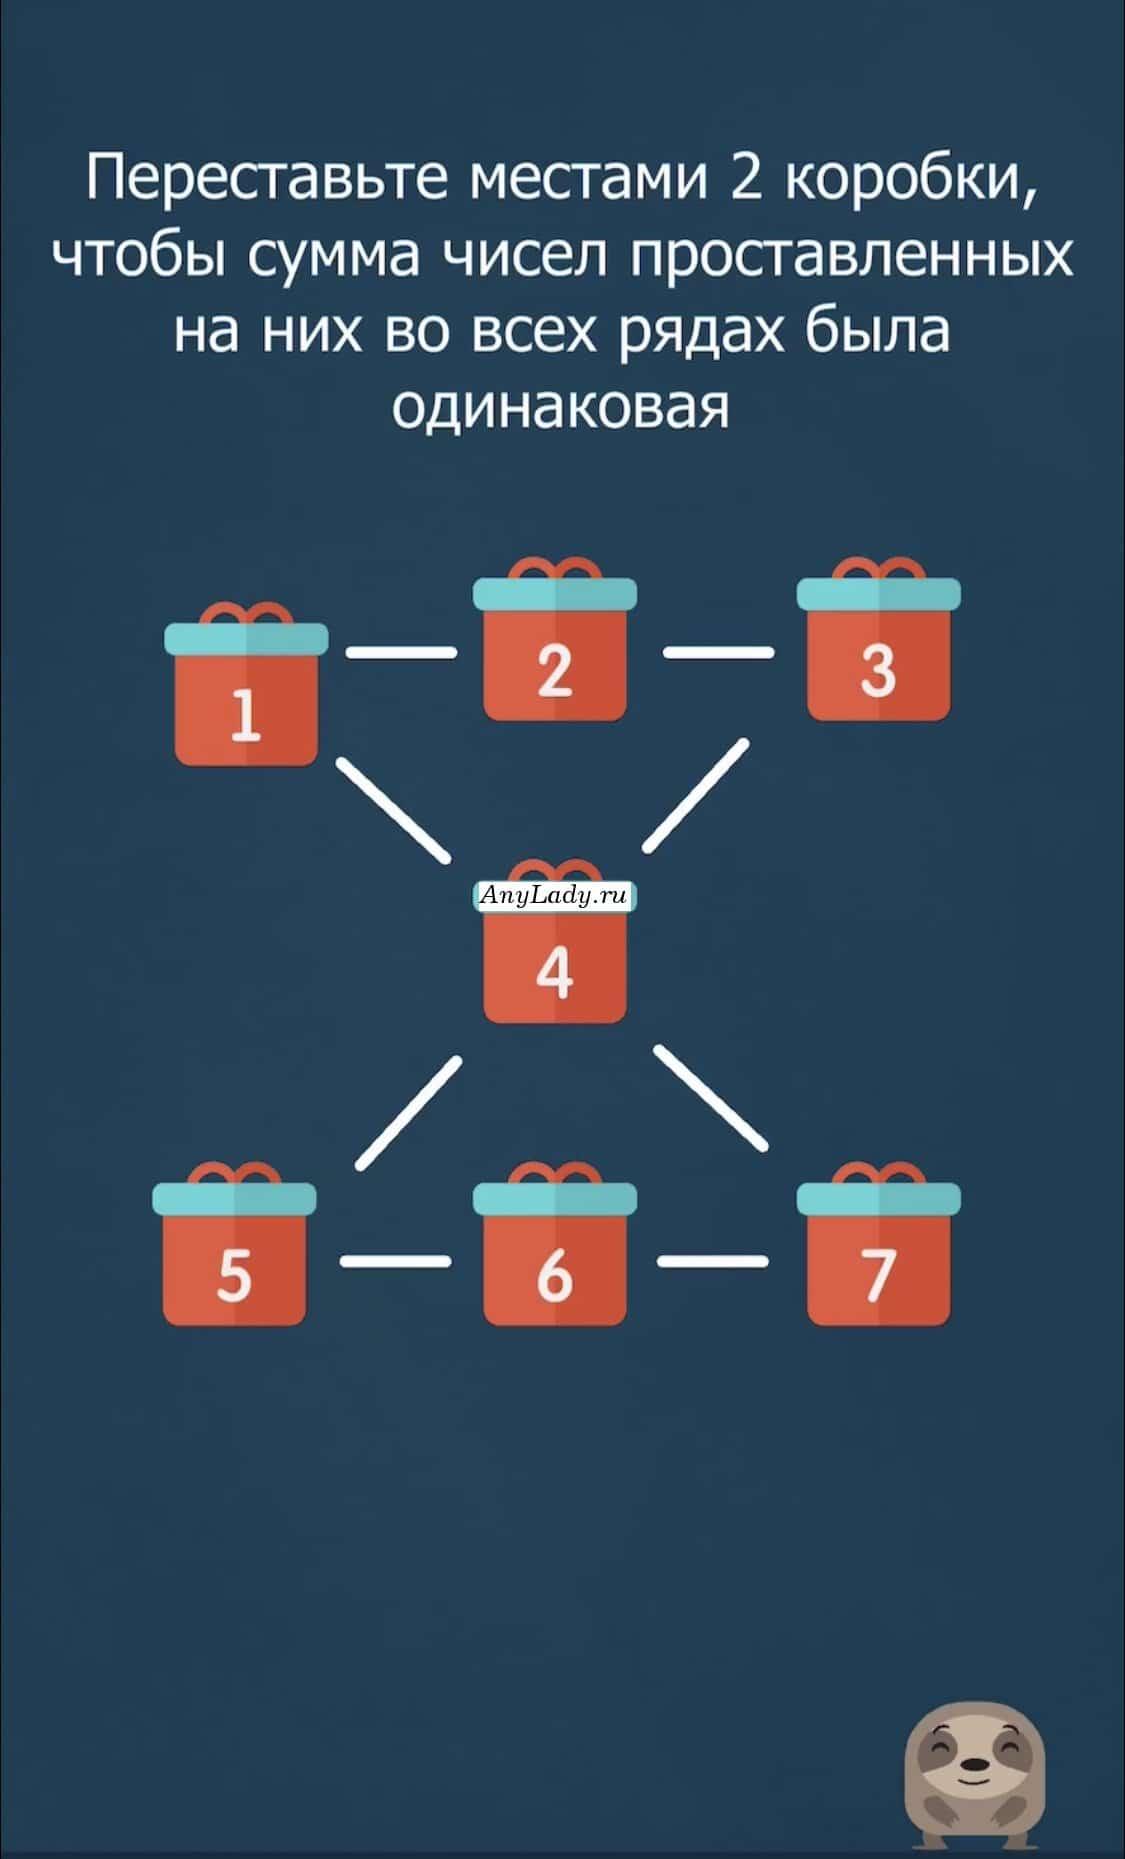 Поменяйте местами подарок, под номером (7) семь с коробкой под номером (1) один.